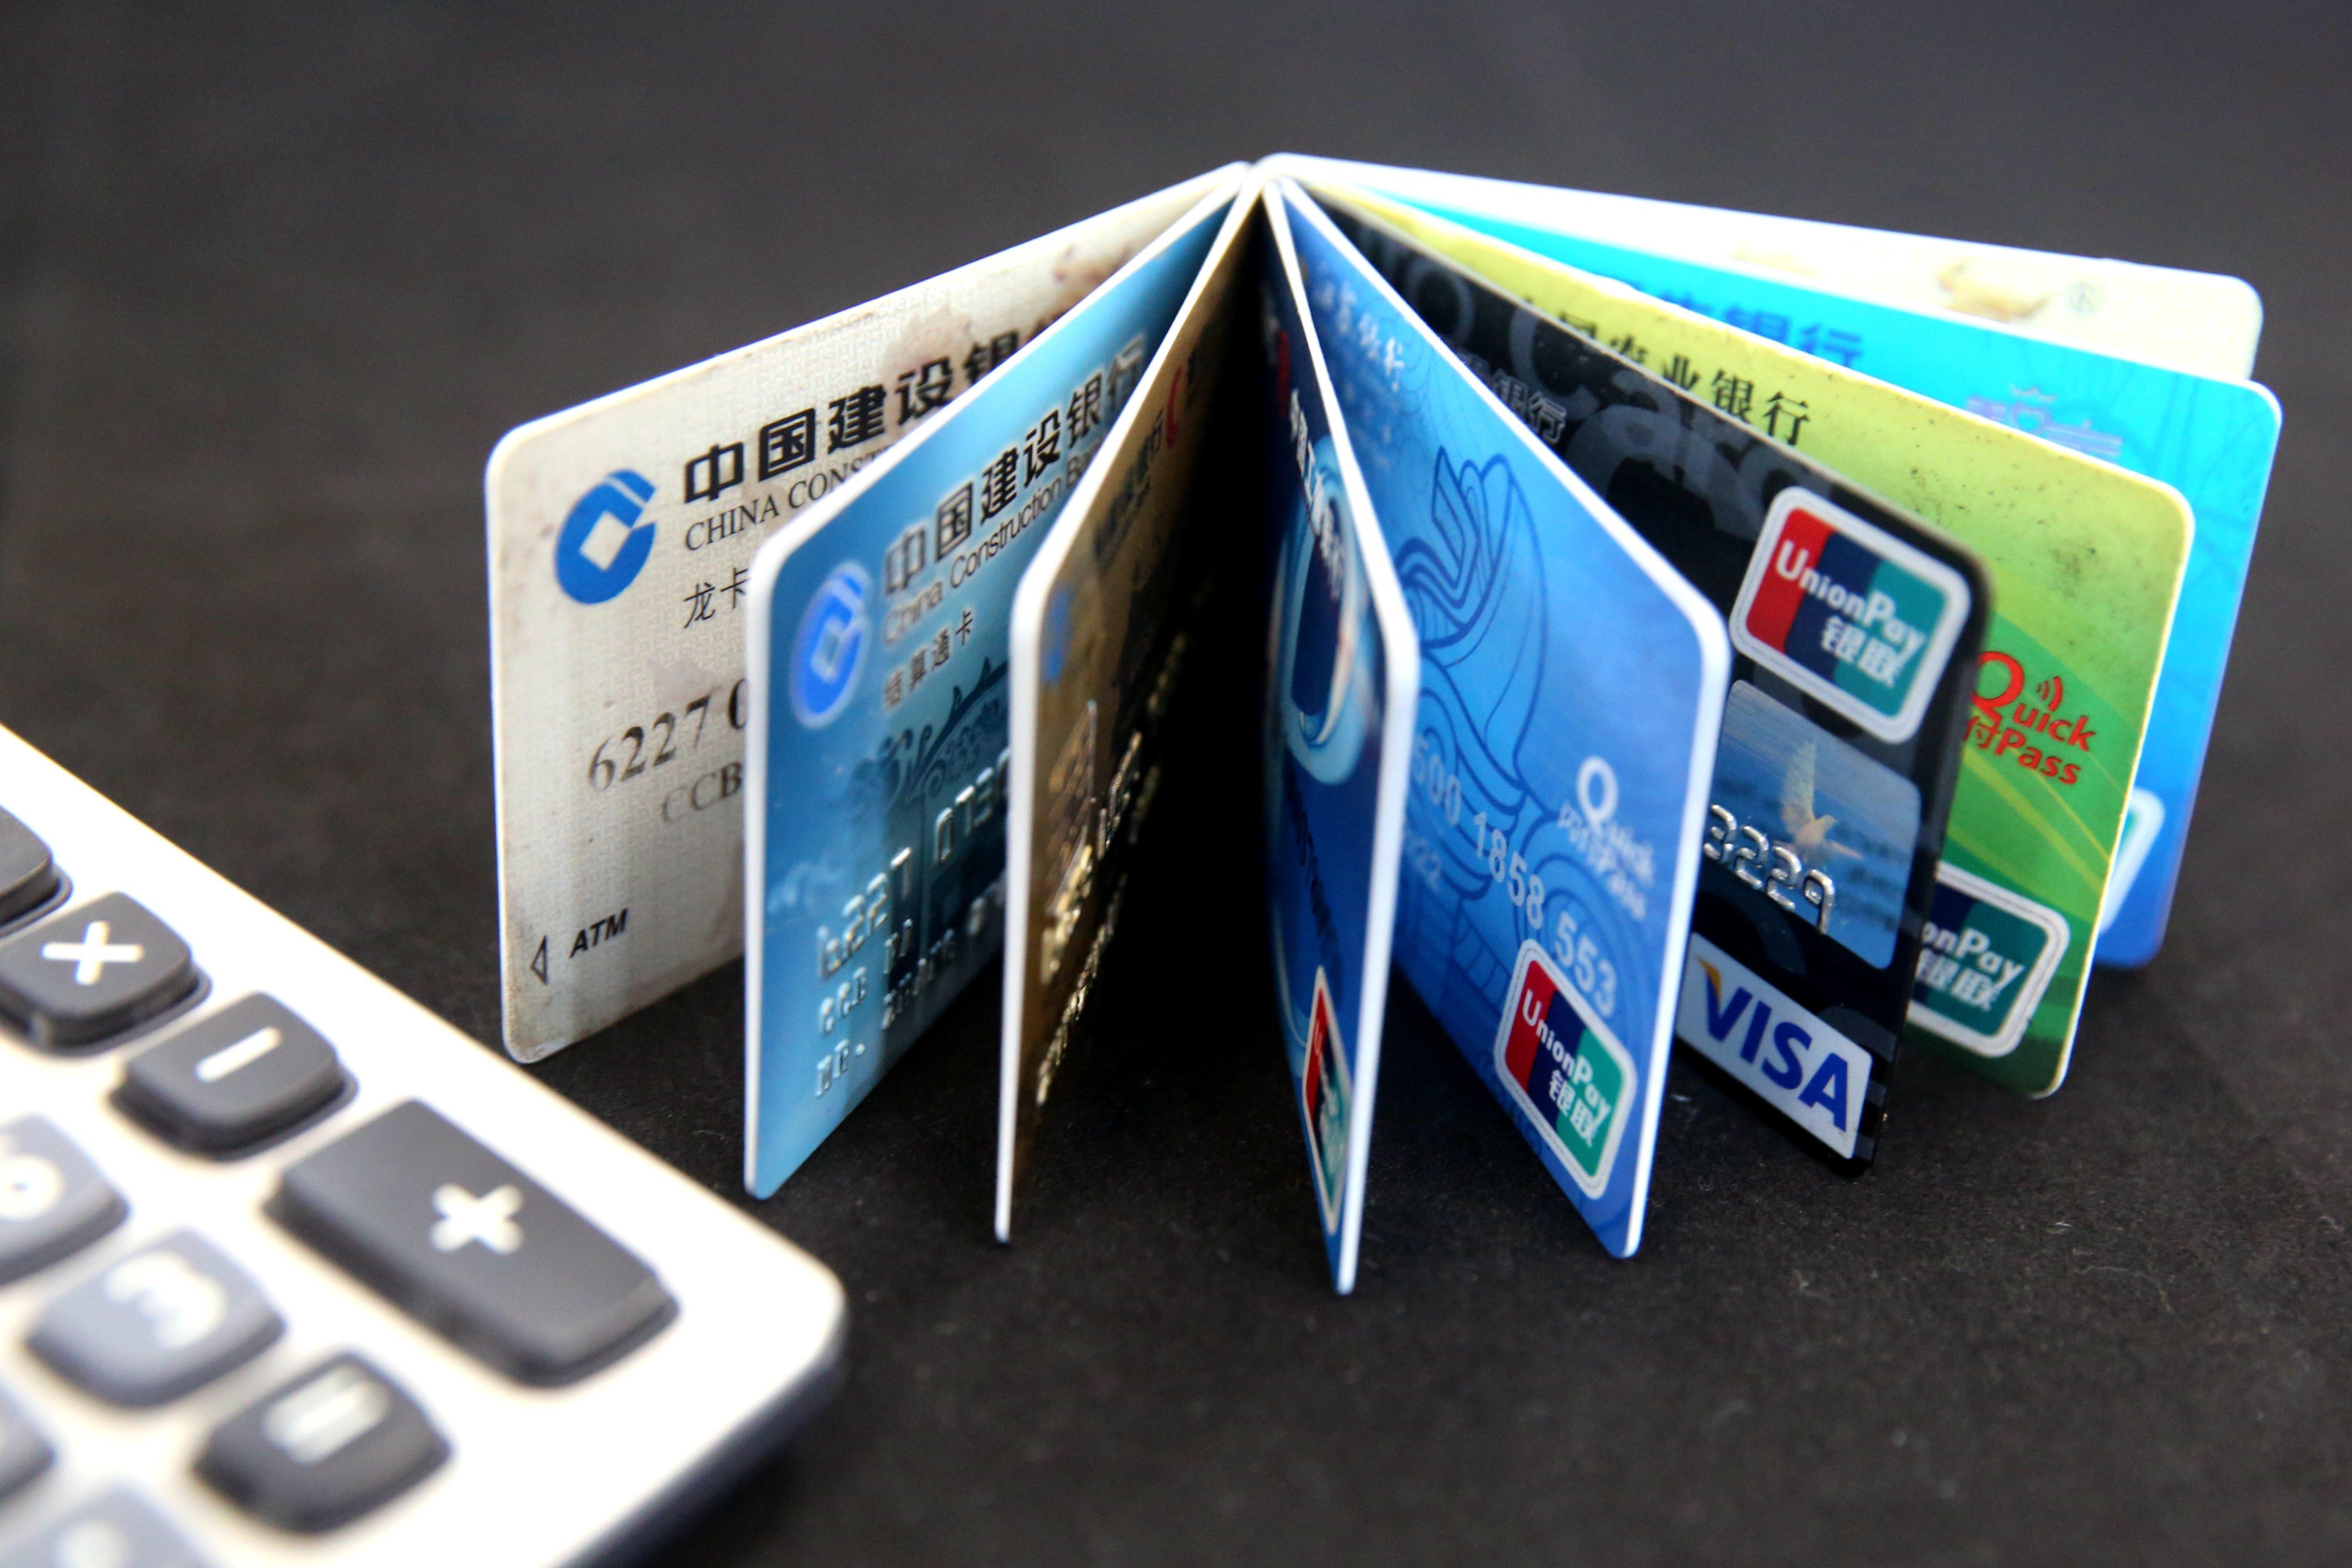 干货:能够让信用卡下卡额度高的6个高招!